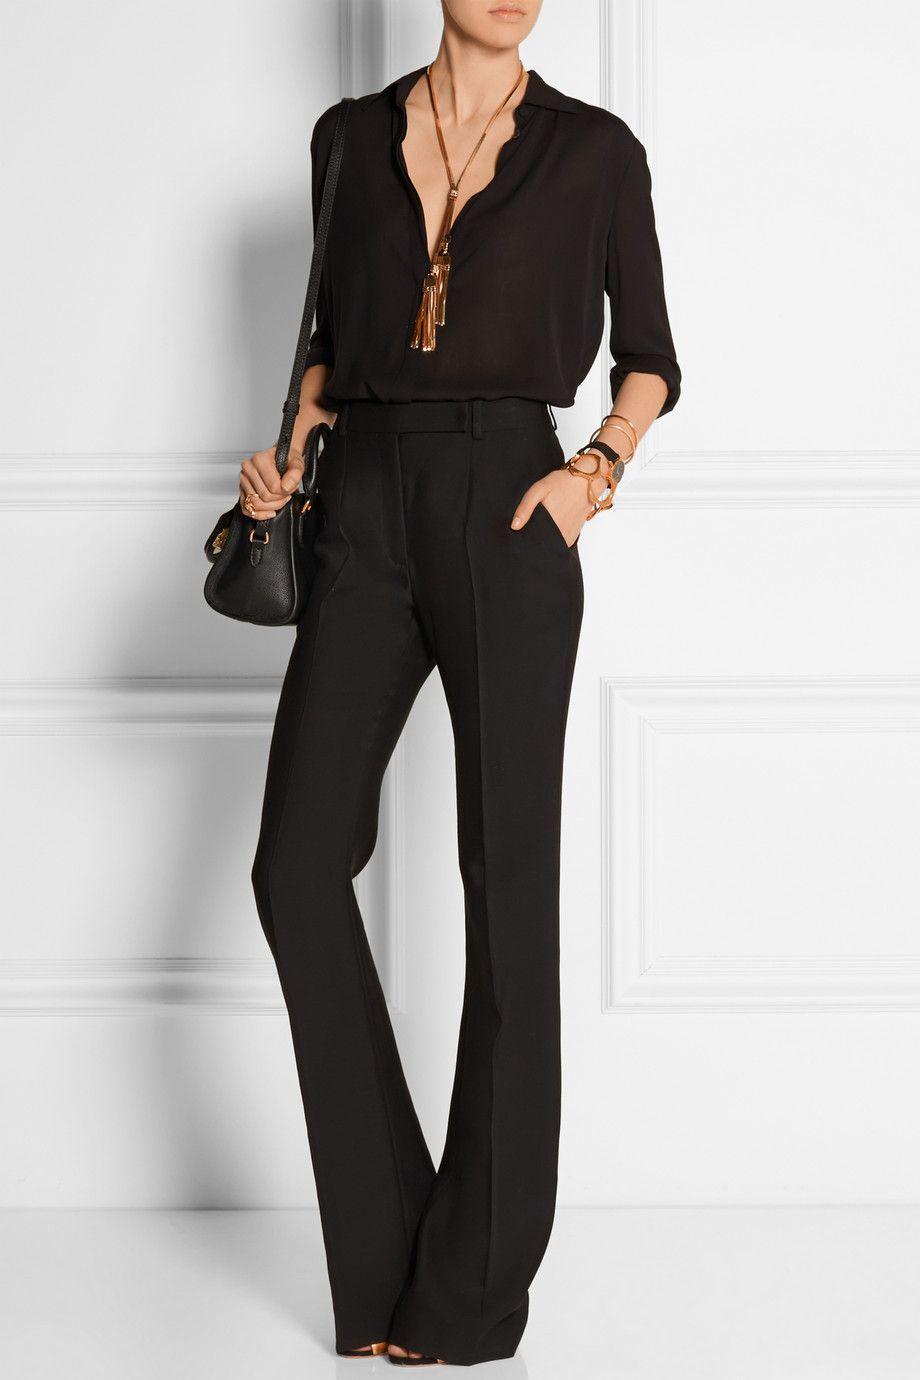 Alexander McQueen Wool and silk-blend flared pants NET-A-PORTER.COM